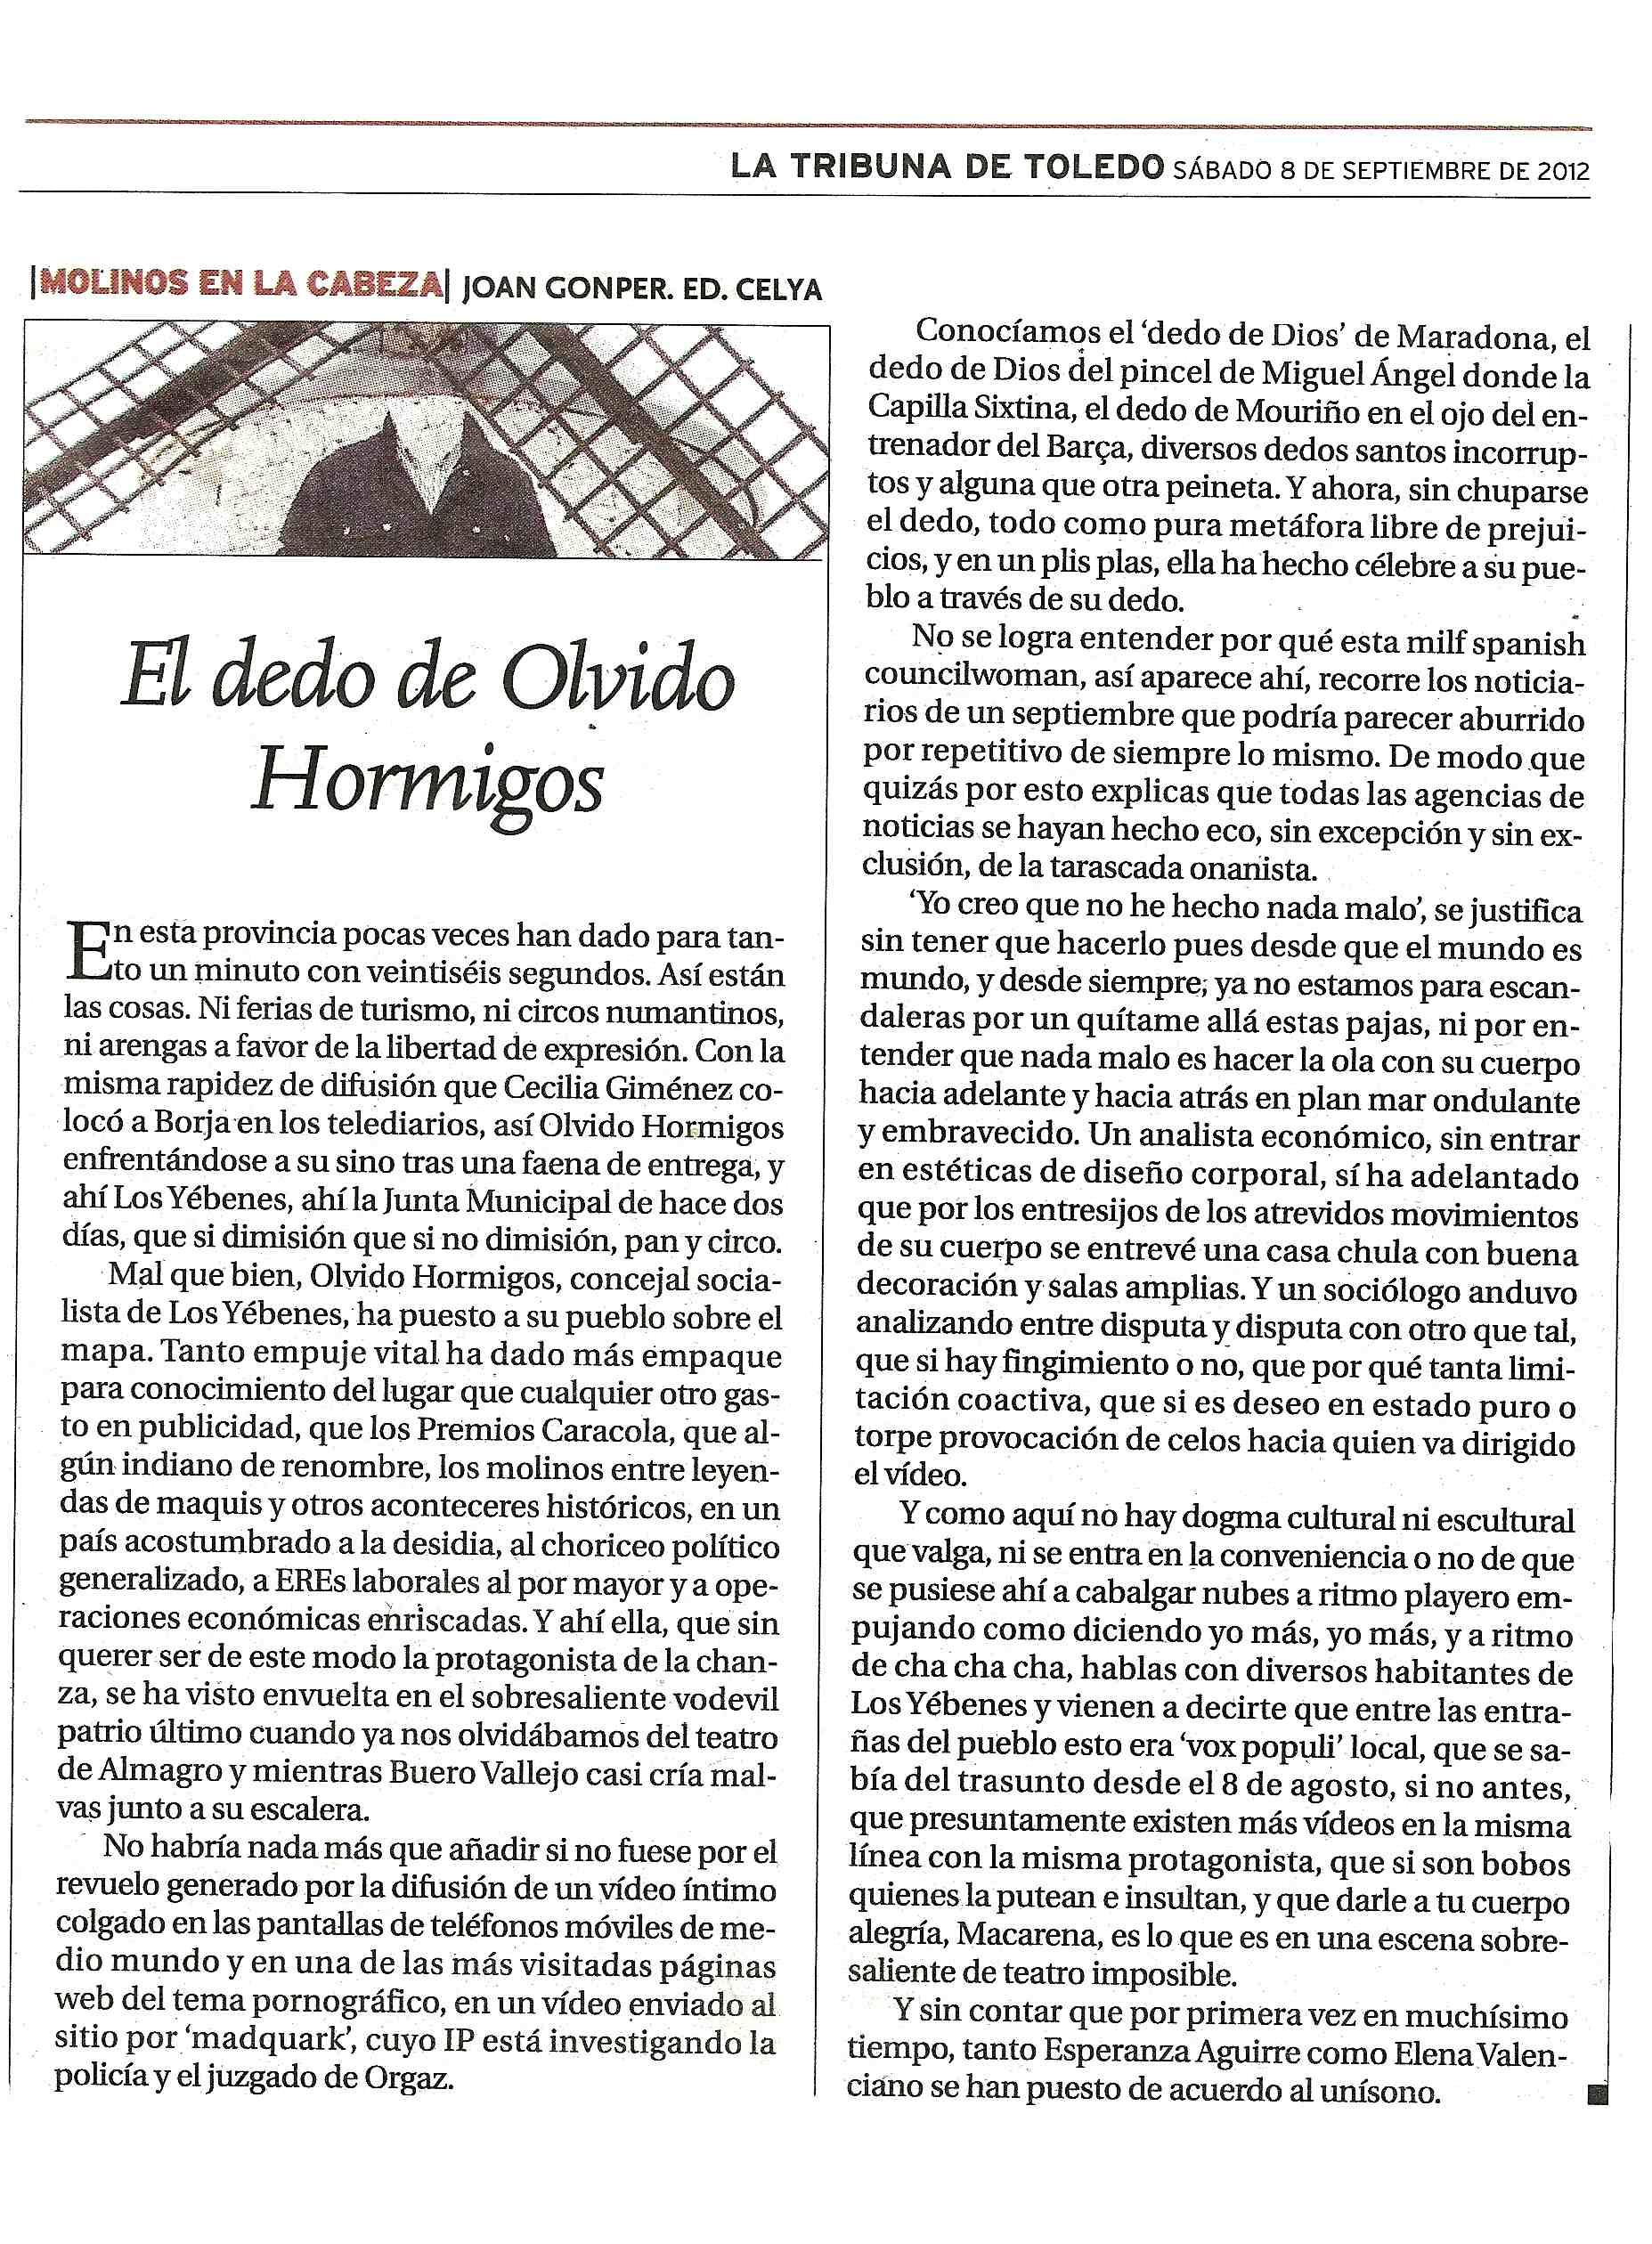 LA TRIBUNA DE TOLEDO : EL DEDO DE OLVIDO H.